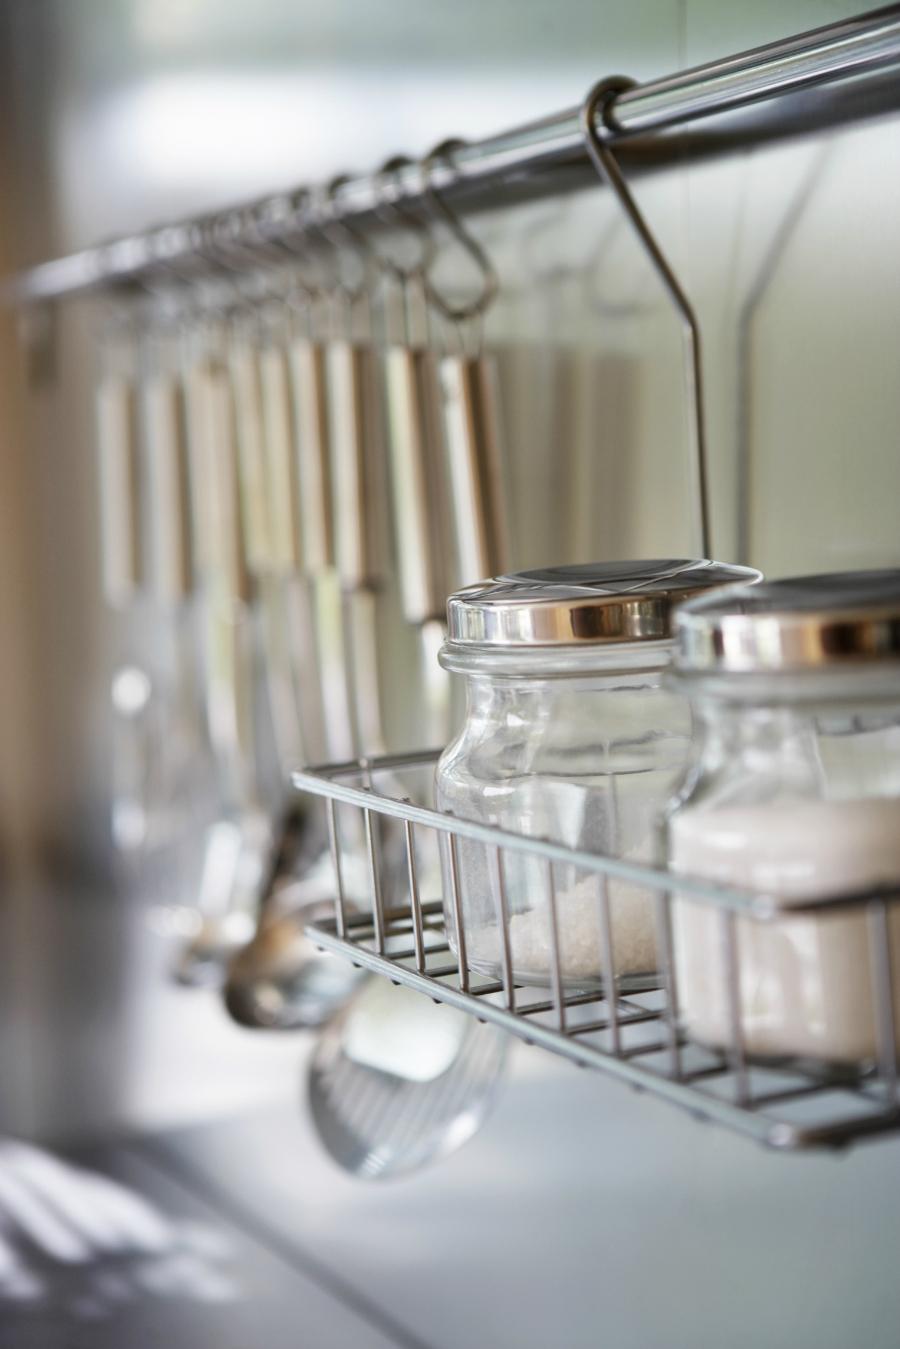 10 x slimme tips voor een kleine re keuken - Woonkeuken outs kleine ruimte ...